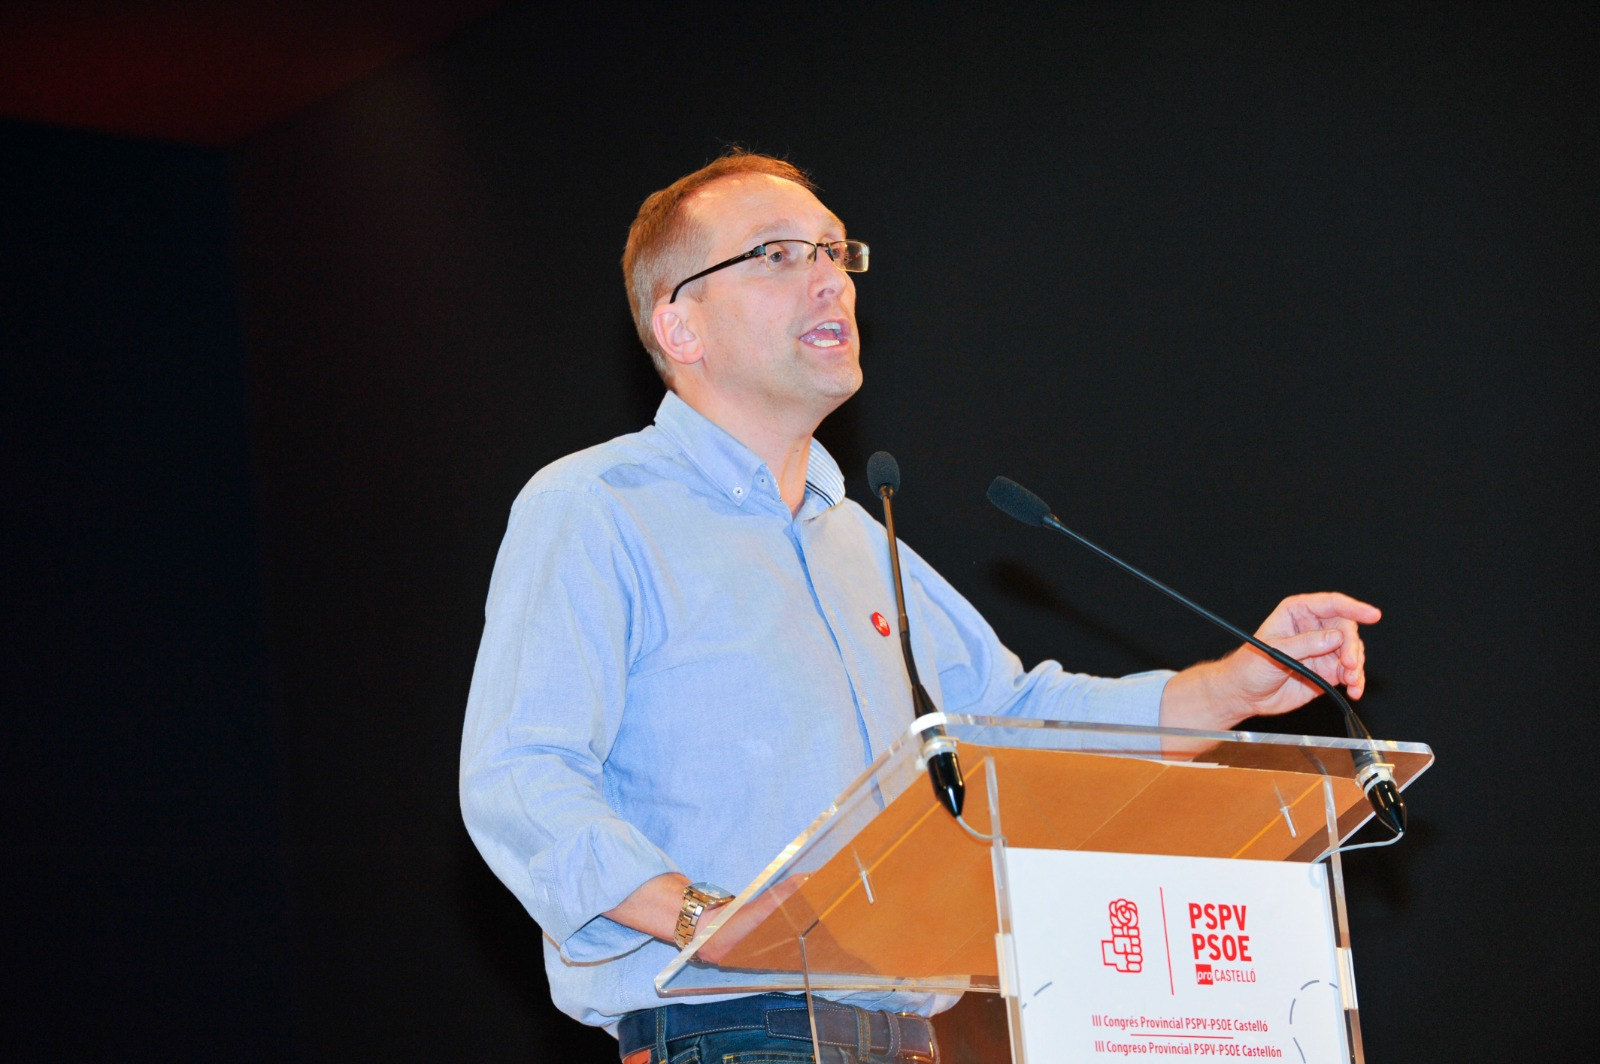 Blanch (PSPV-PSOE) pide que los ayuntamientos y diputaciones puedan gestionar directamente el fondo europeo para la reconstrucción